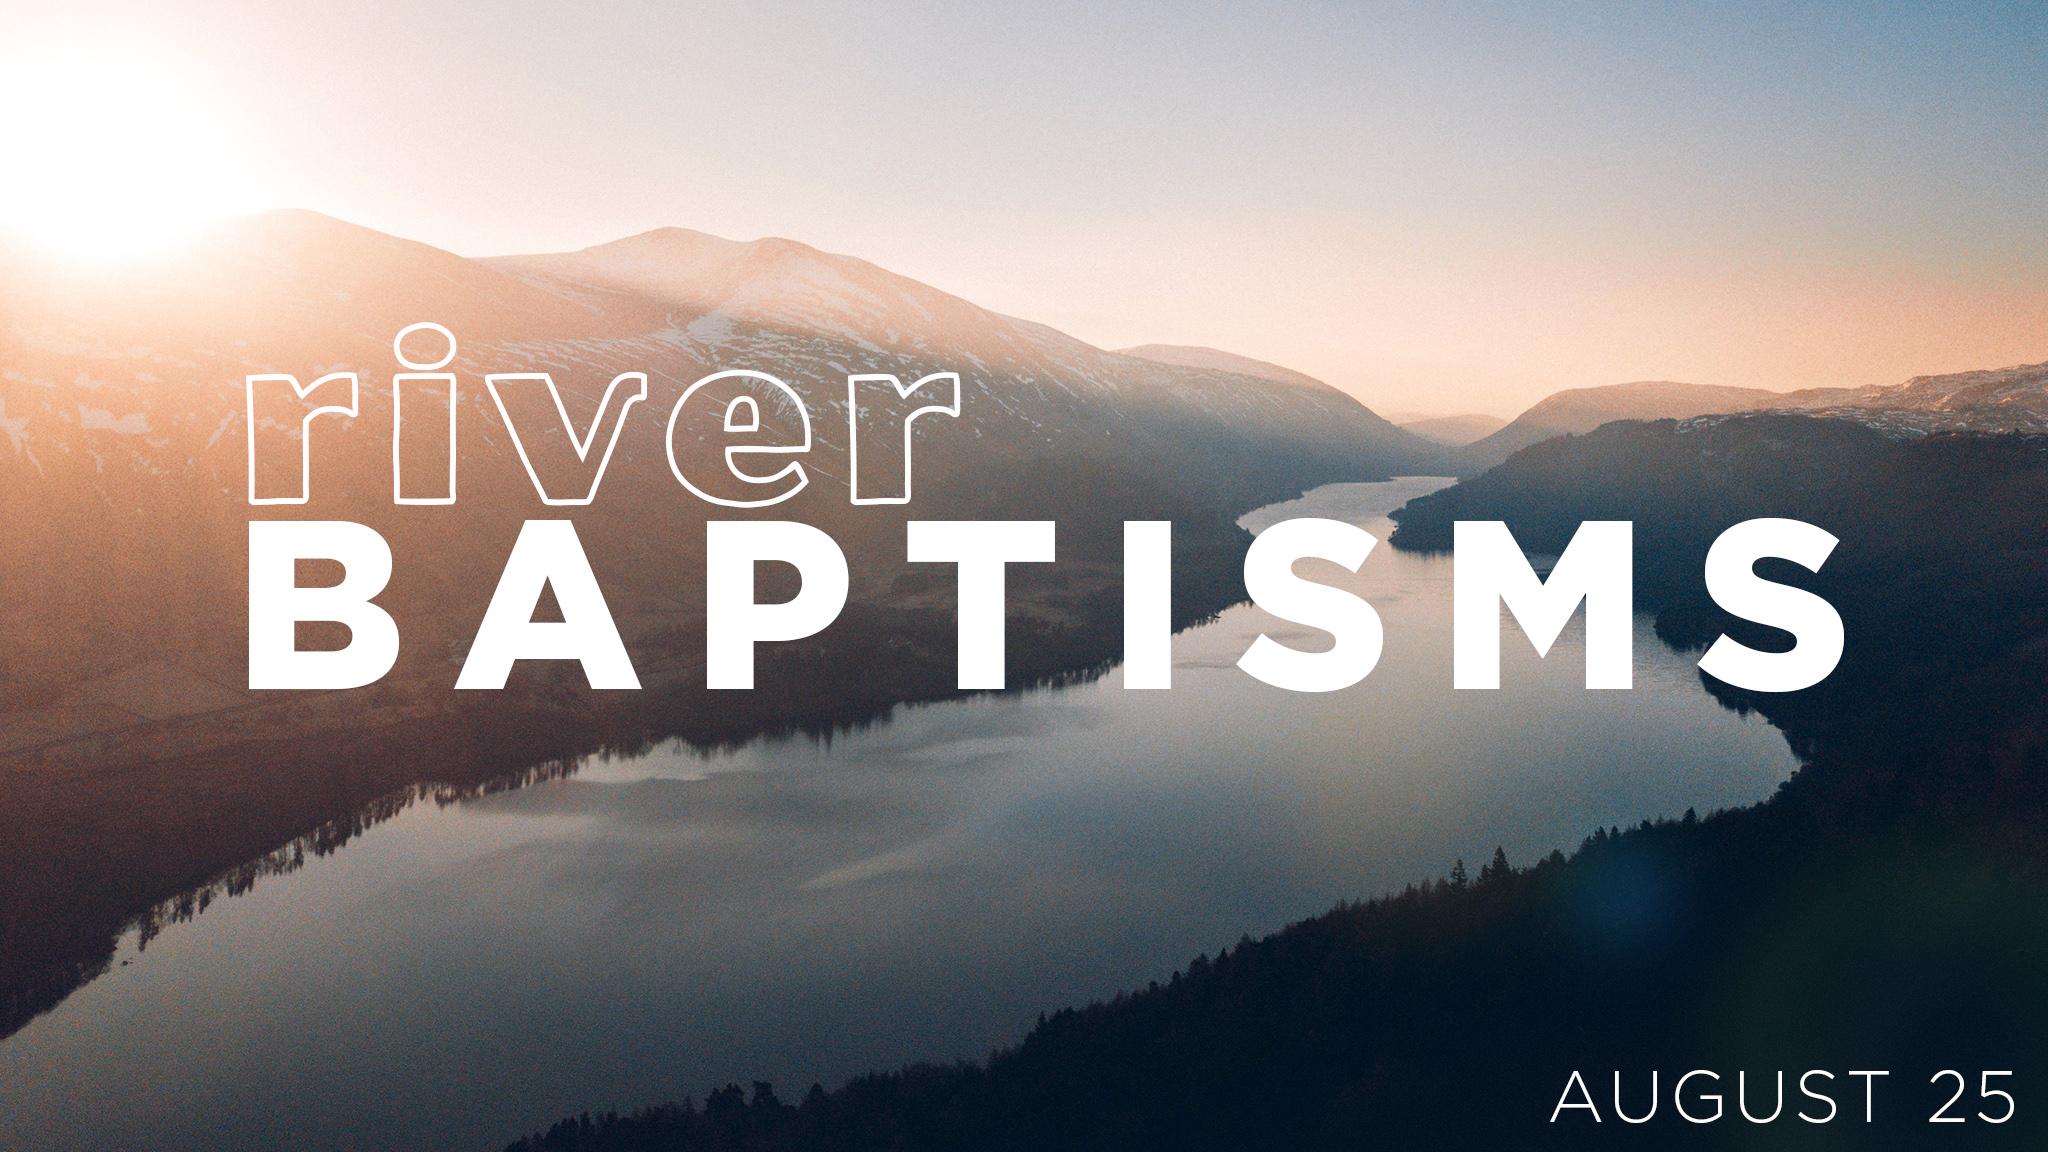 River Baptism August 25.jpg